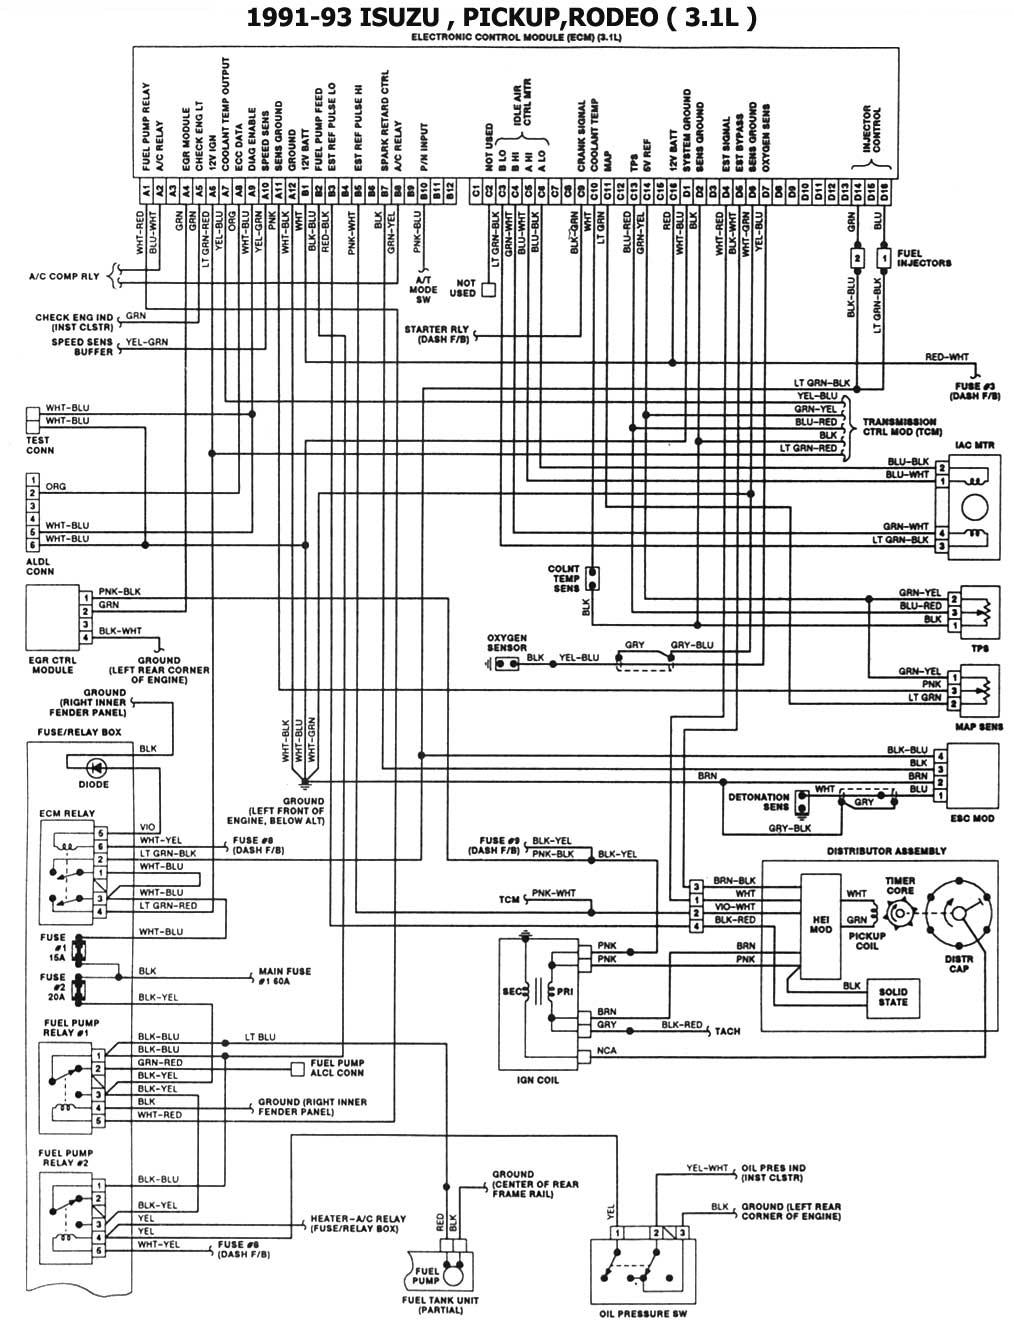 isuzu diagrama de cableado de la computadora